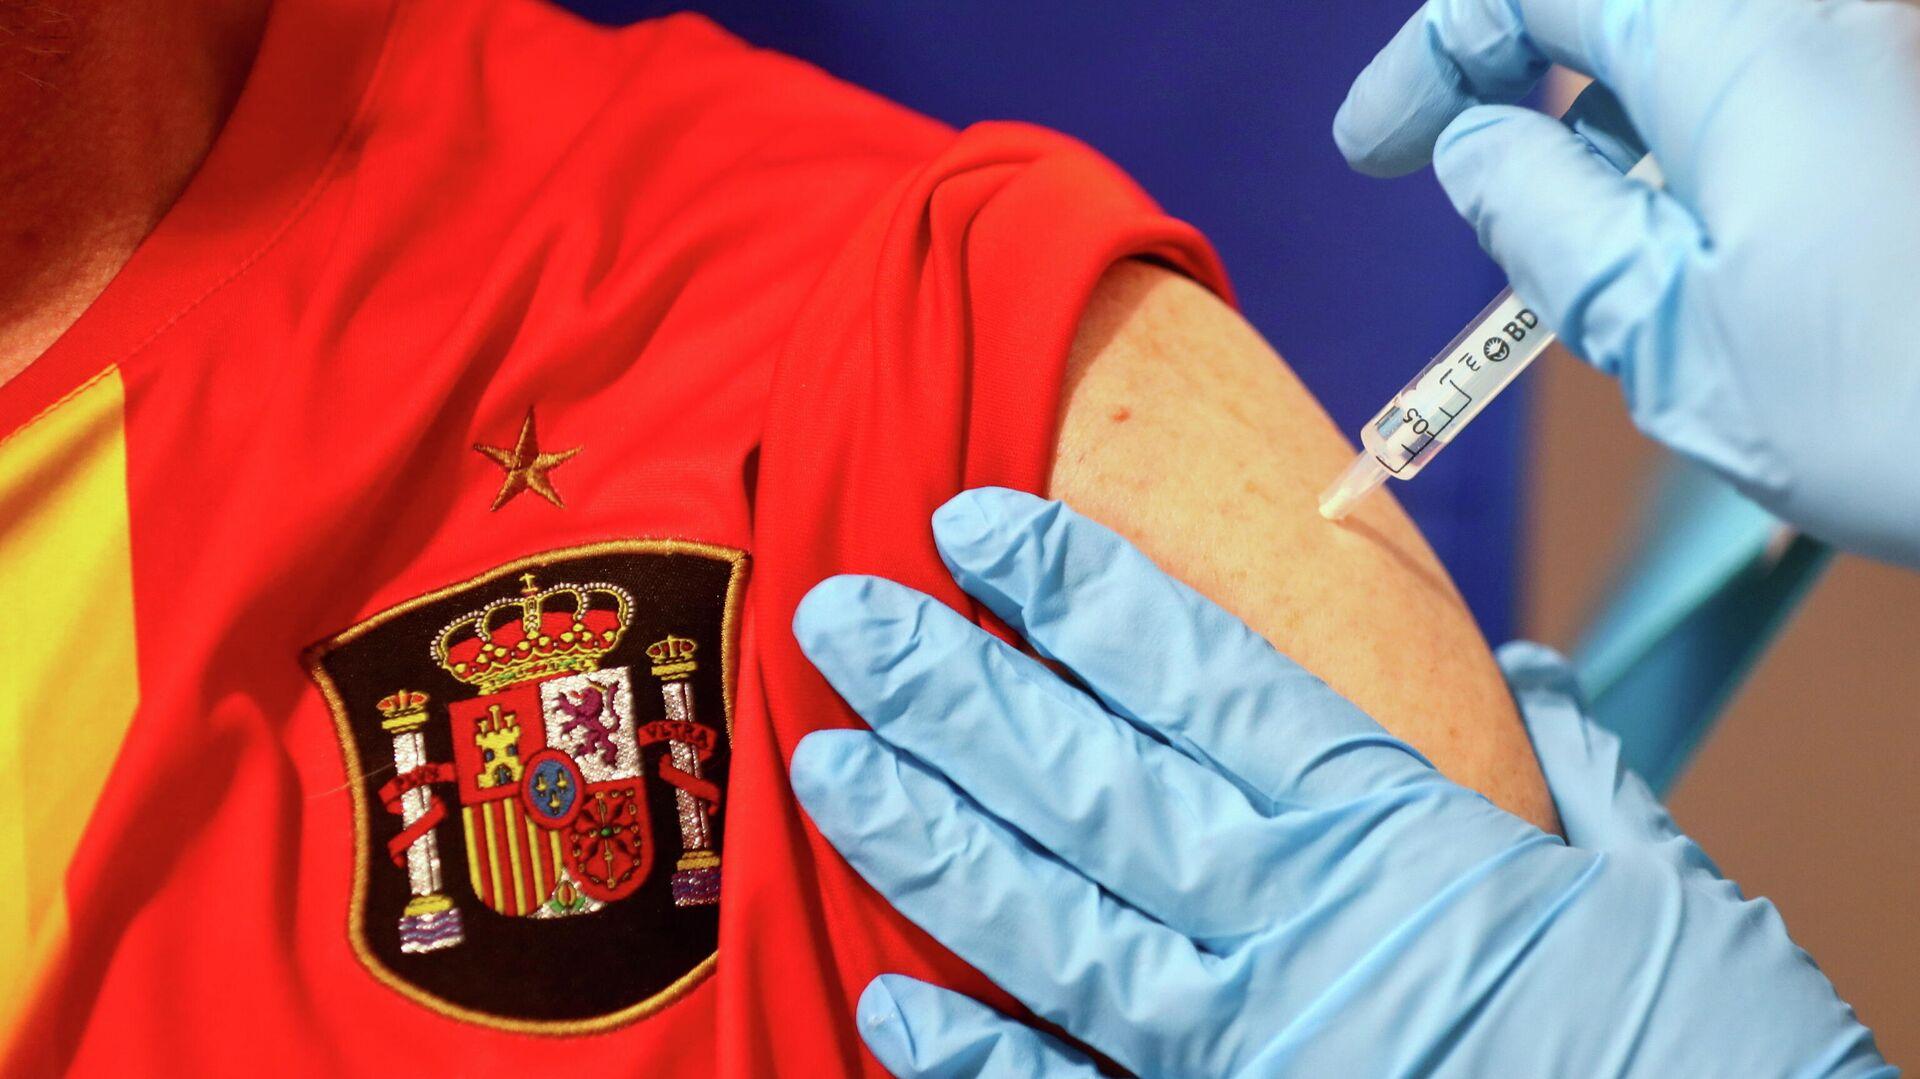 Vacunación en España  - Sputnik Mundo, 1920, 03.05.2021